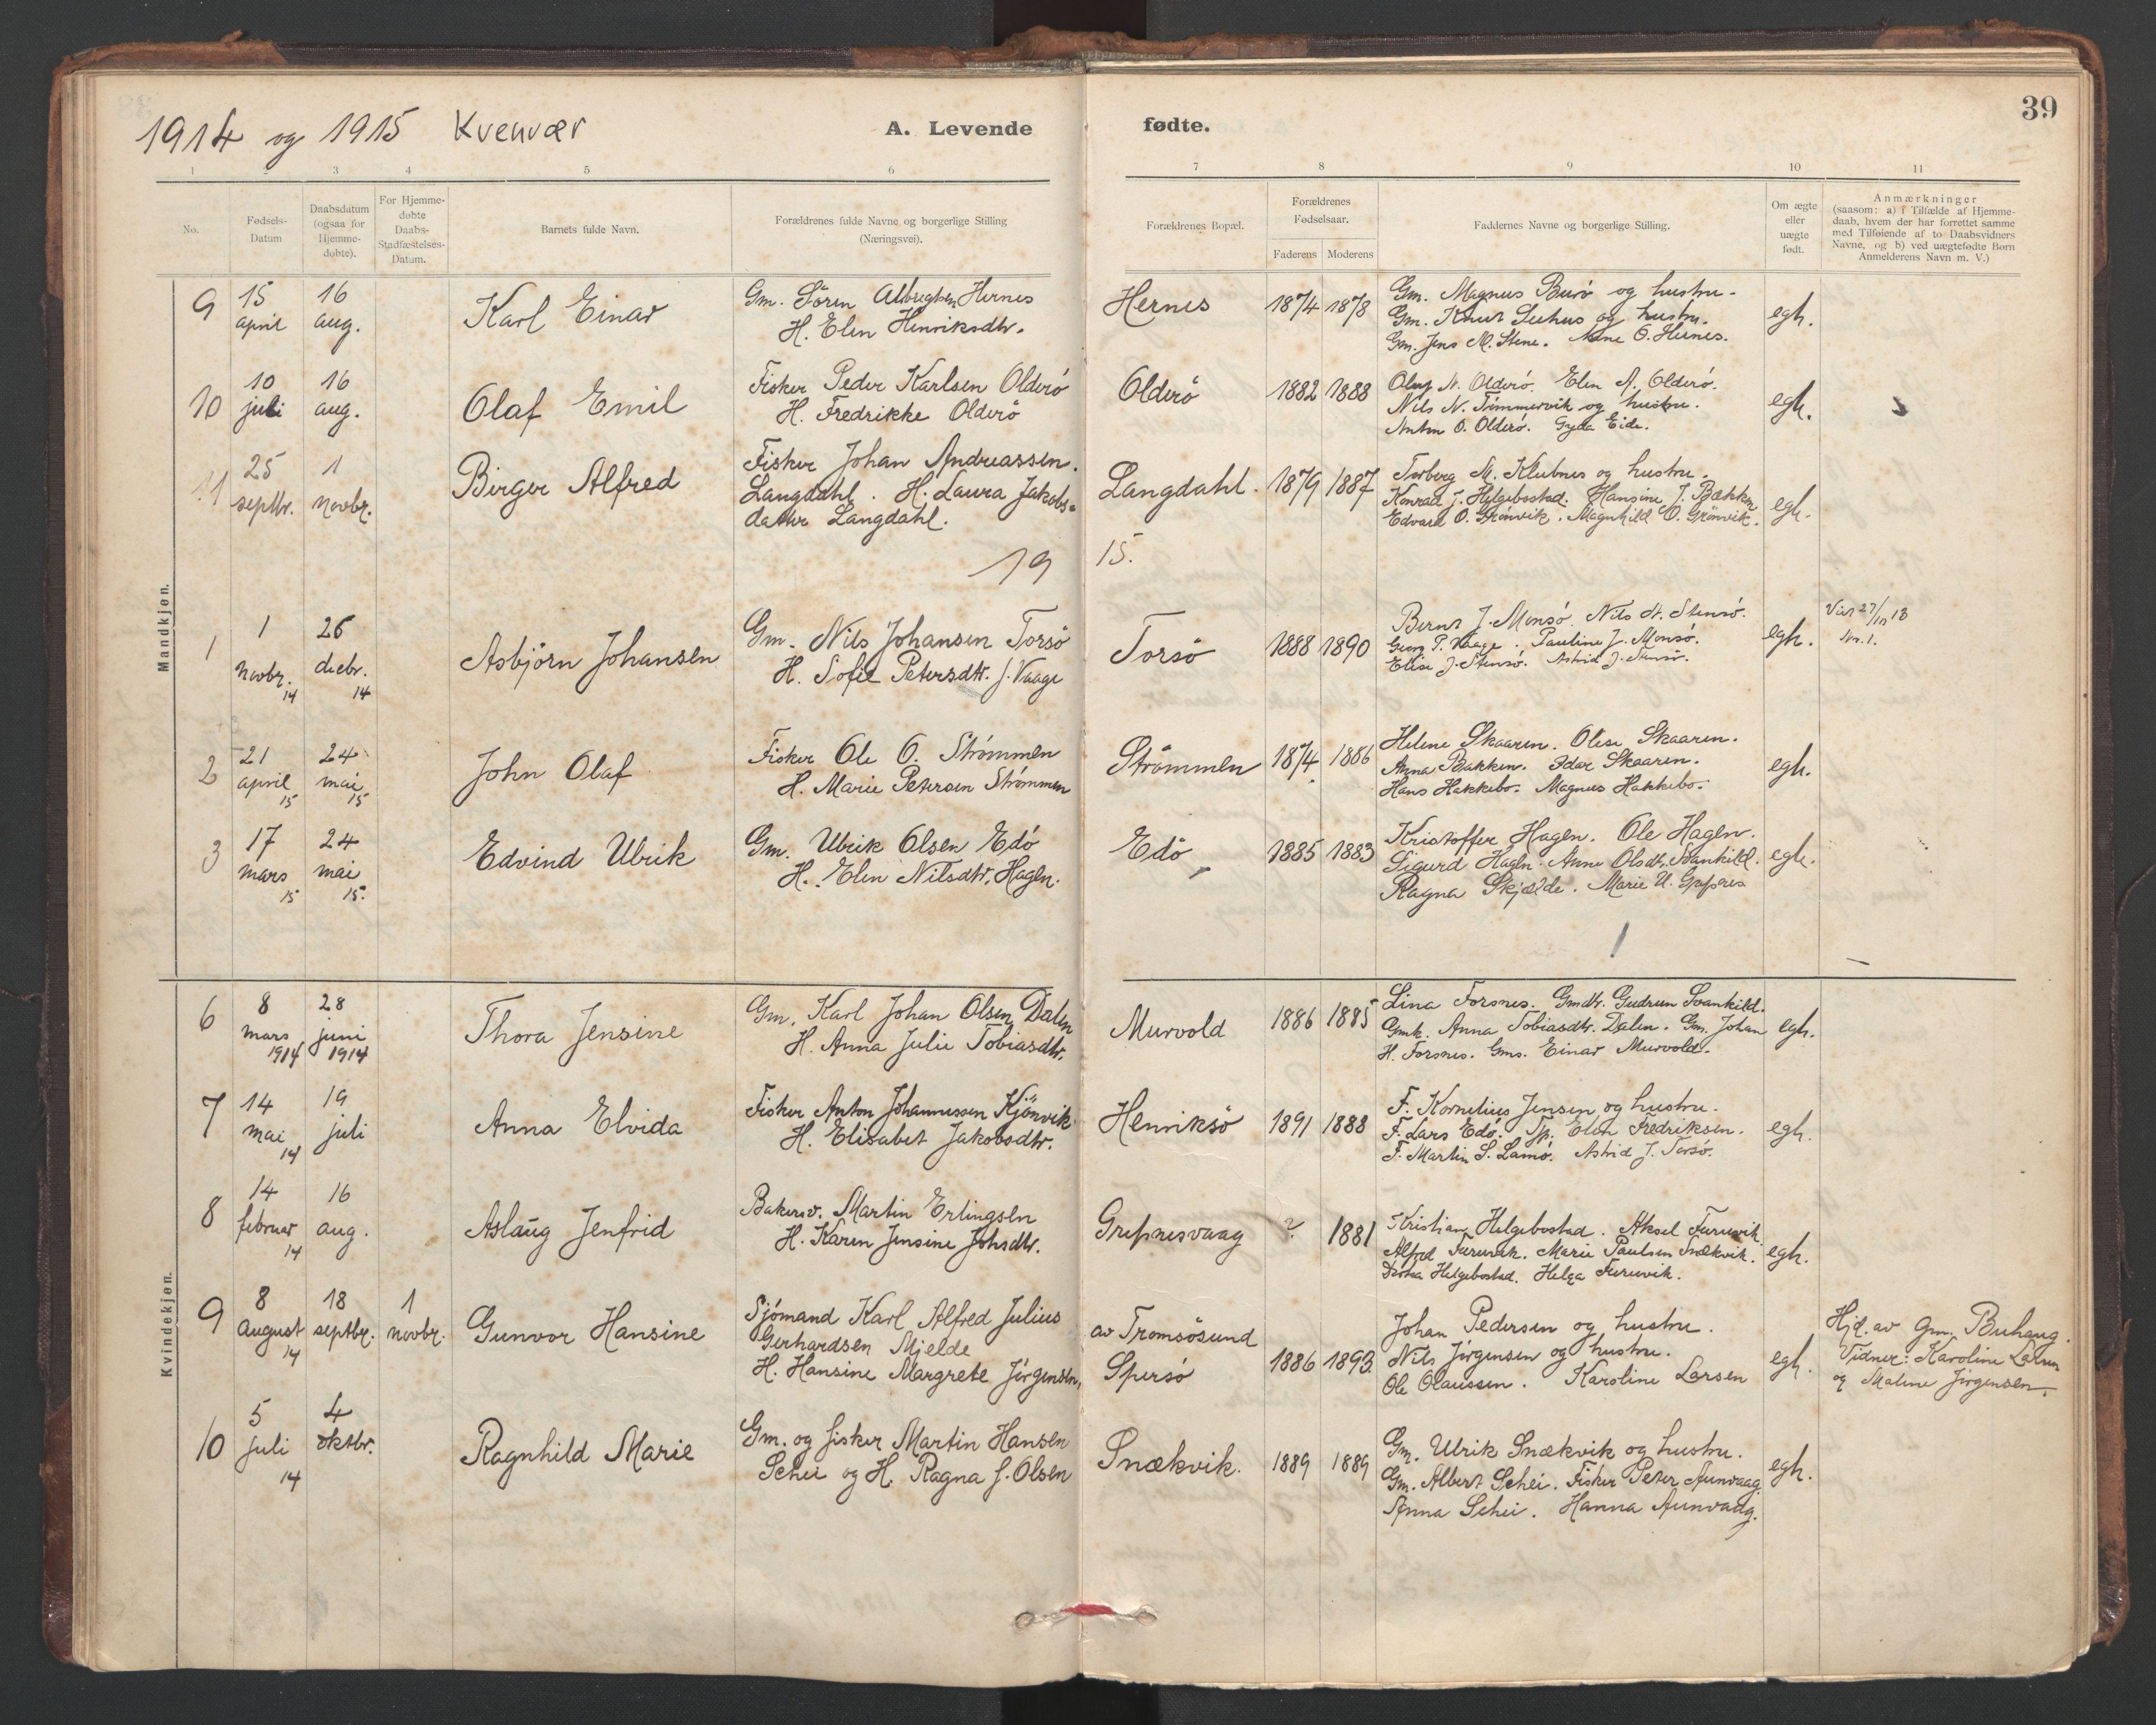 SAT, Ministerialprotokoller, klokkerbøker og fødselsregistre - Sør-Trøndelag, 635/L0552: Ministerialbok nr. 635A02, 1899-1919, s. 39